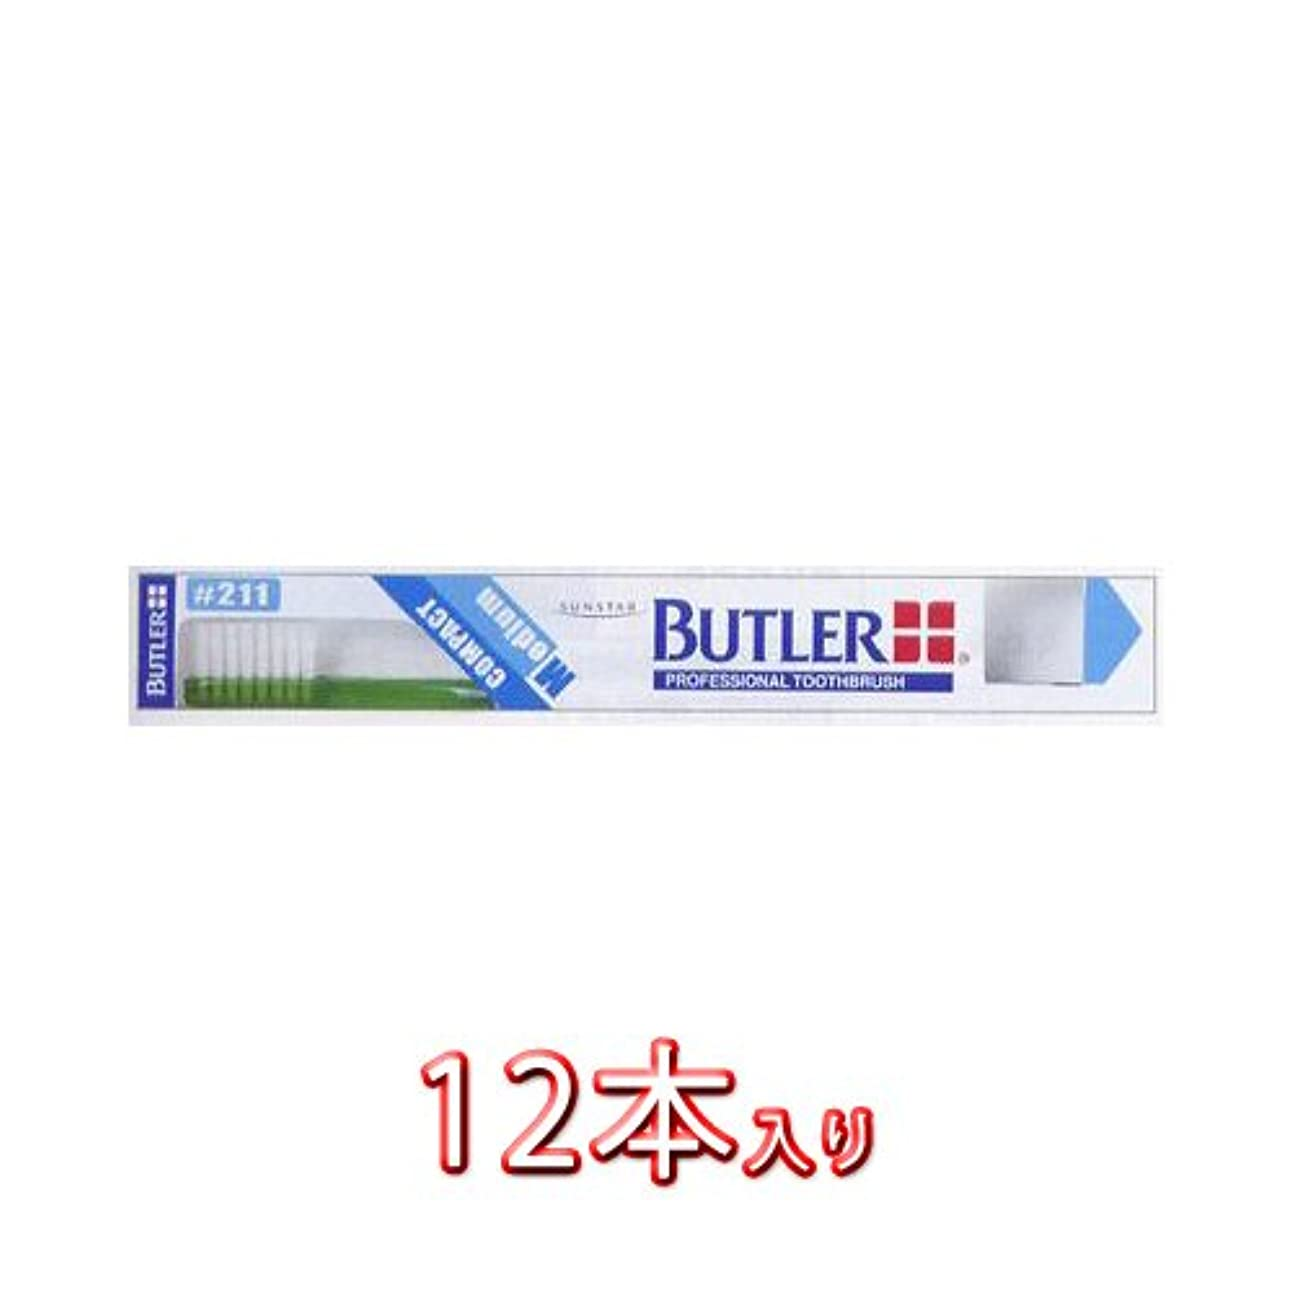 詩人愛人鳥バトラー 歯ブラシ #211 12本入